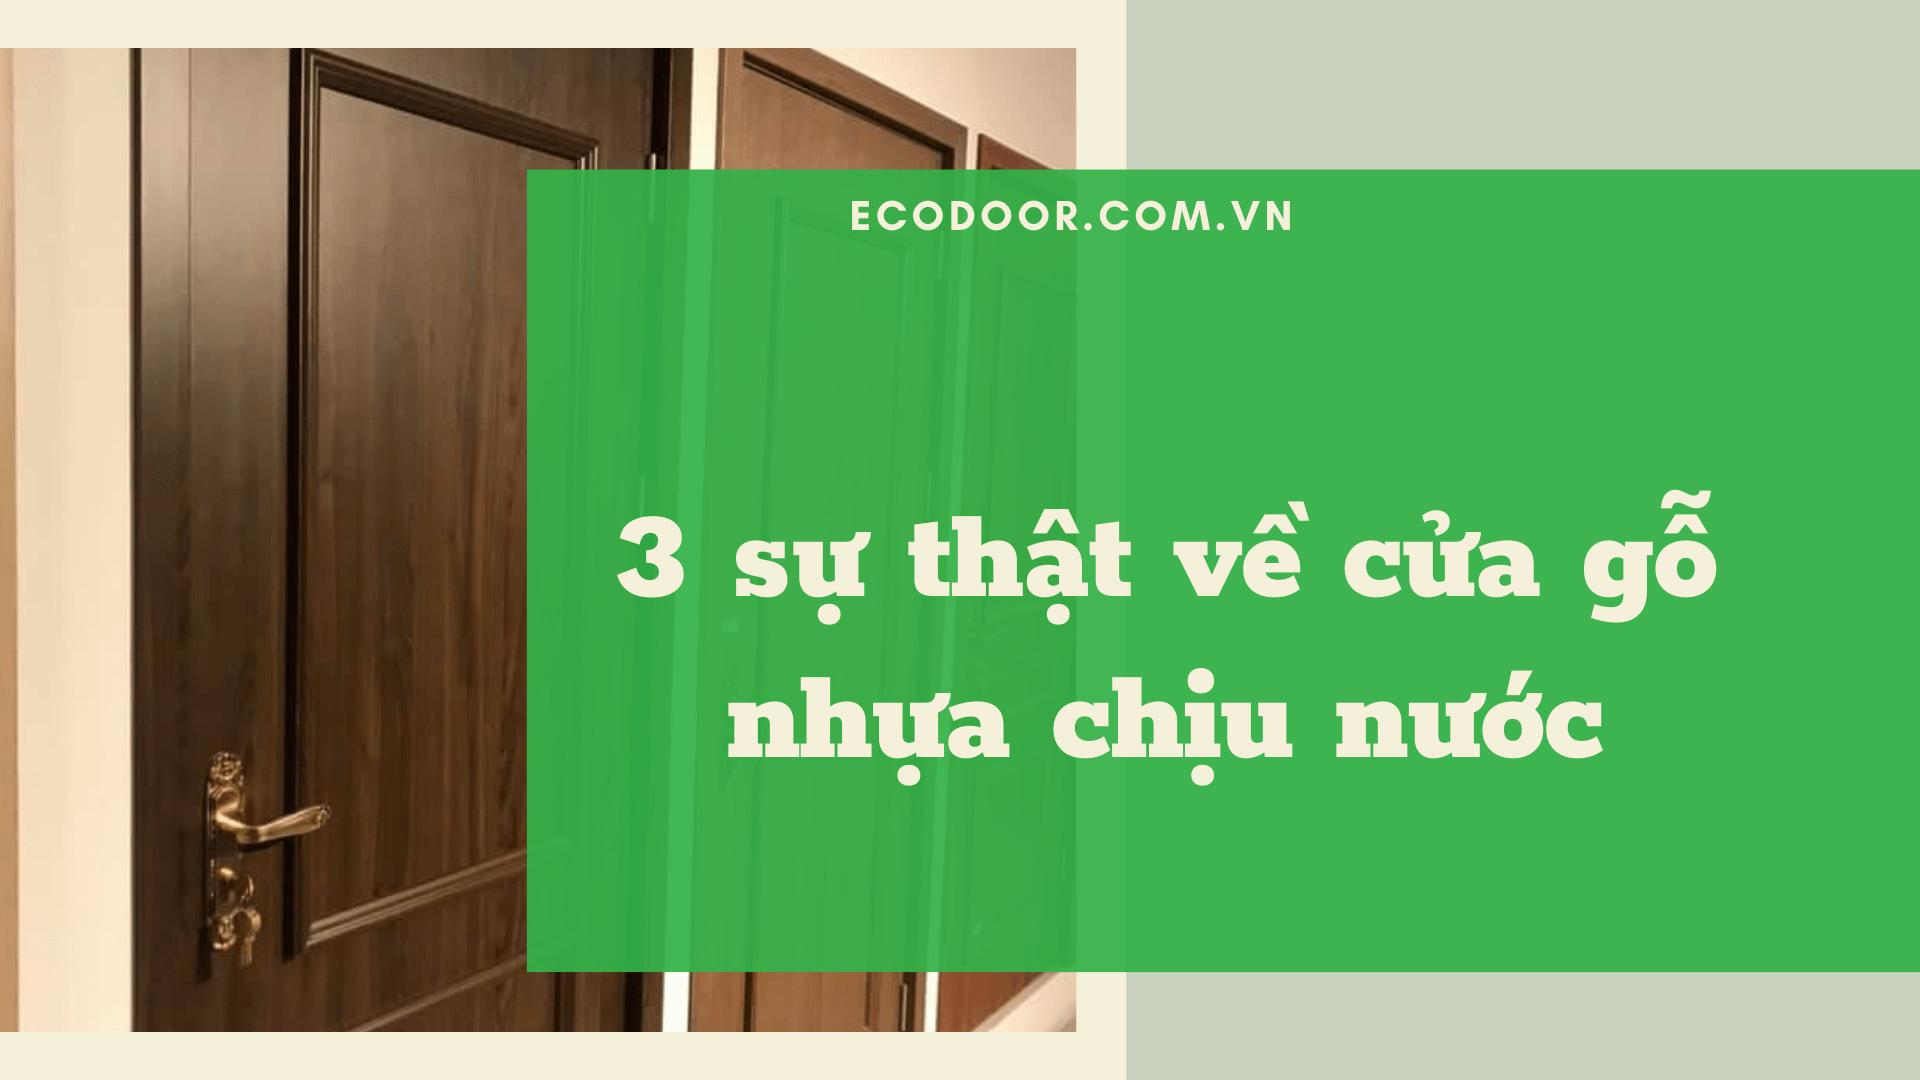 Cửa gỗ nhựa chịu nước Ecodoor